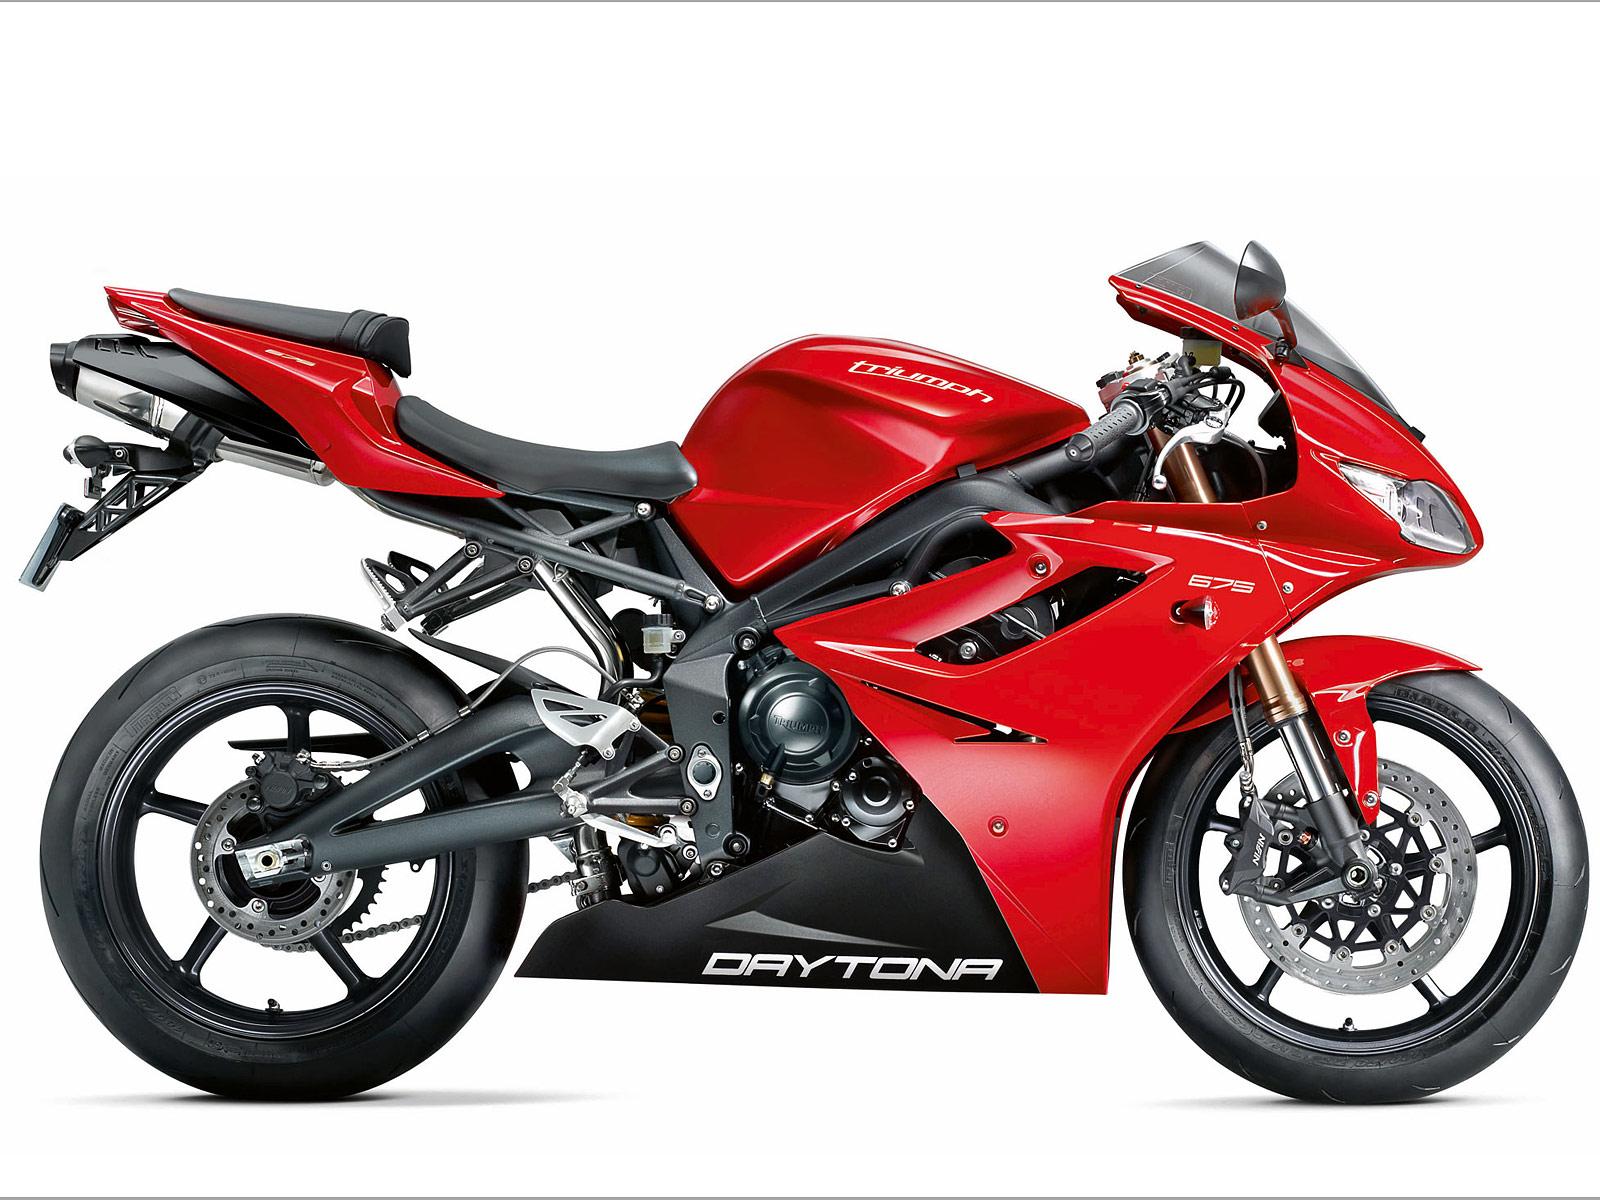 http://1.bp.blogspot.com/-hUQ4OTjZLZM/T3J3XmayQyI/AAAAAAAAAyA/Blc7DwHJqgI/s1600/motorbike-picture_2012-Triumph-Daytona-675-5.jpg